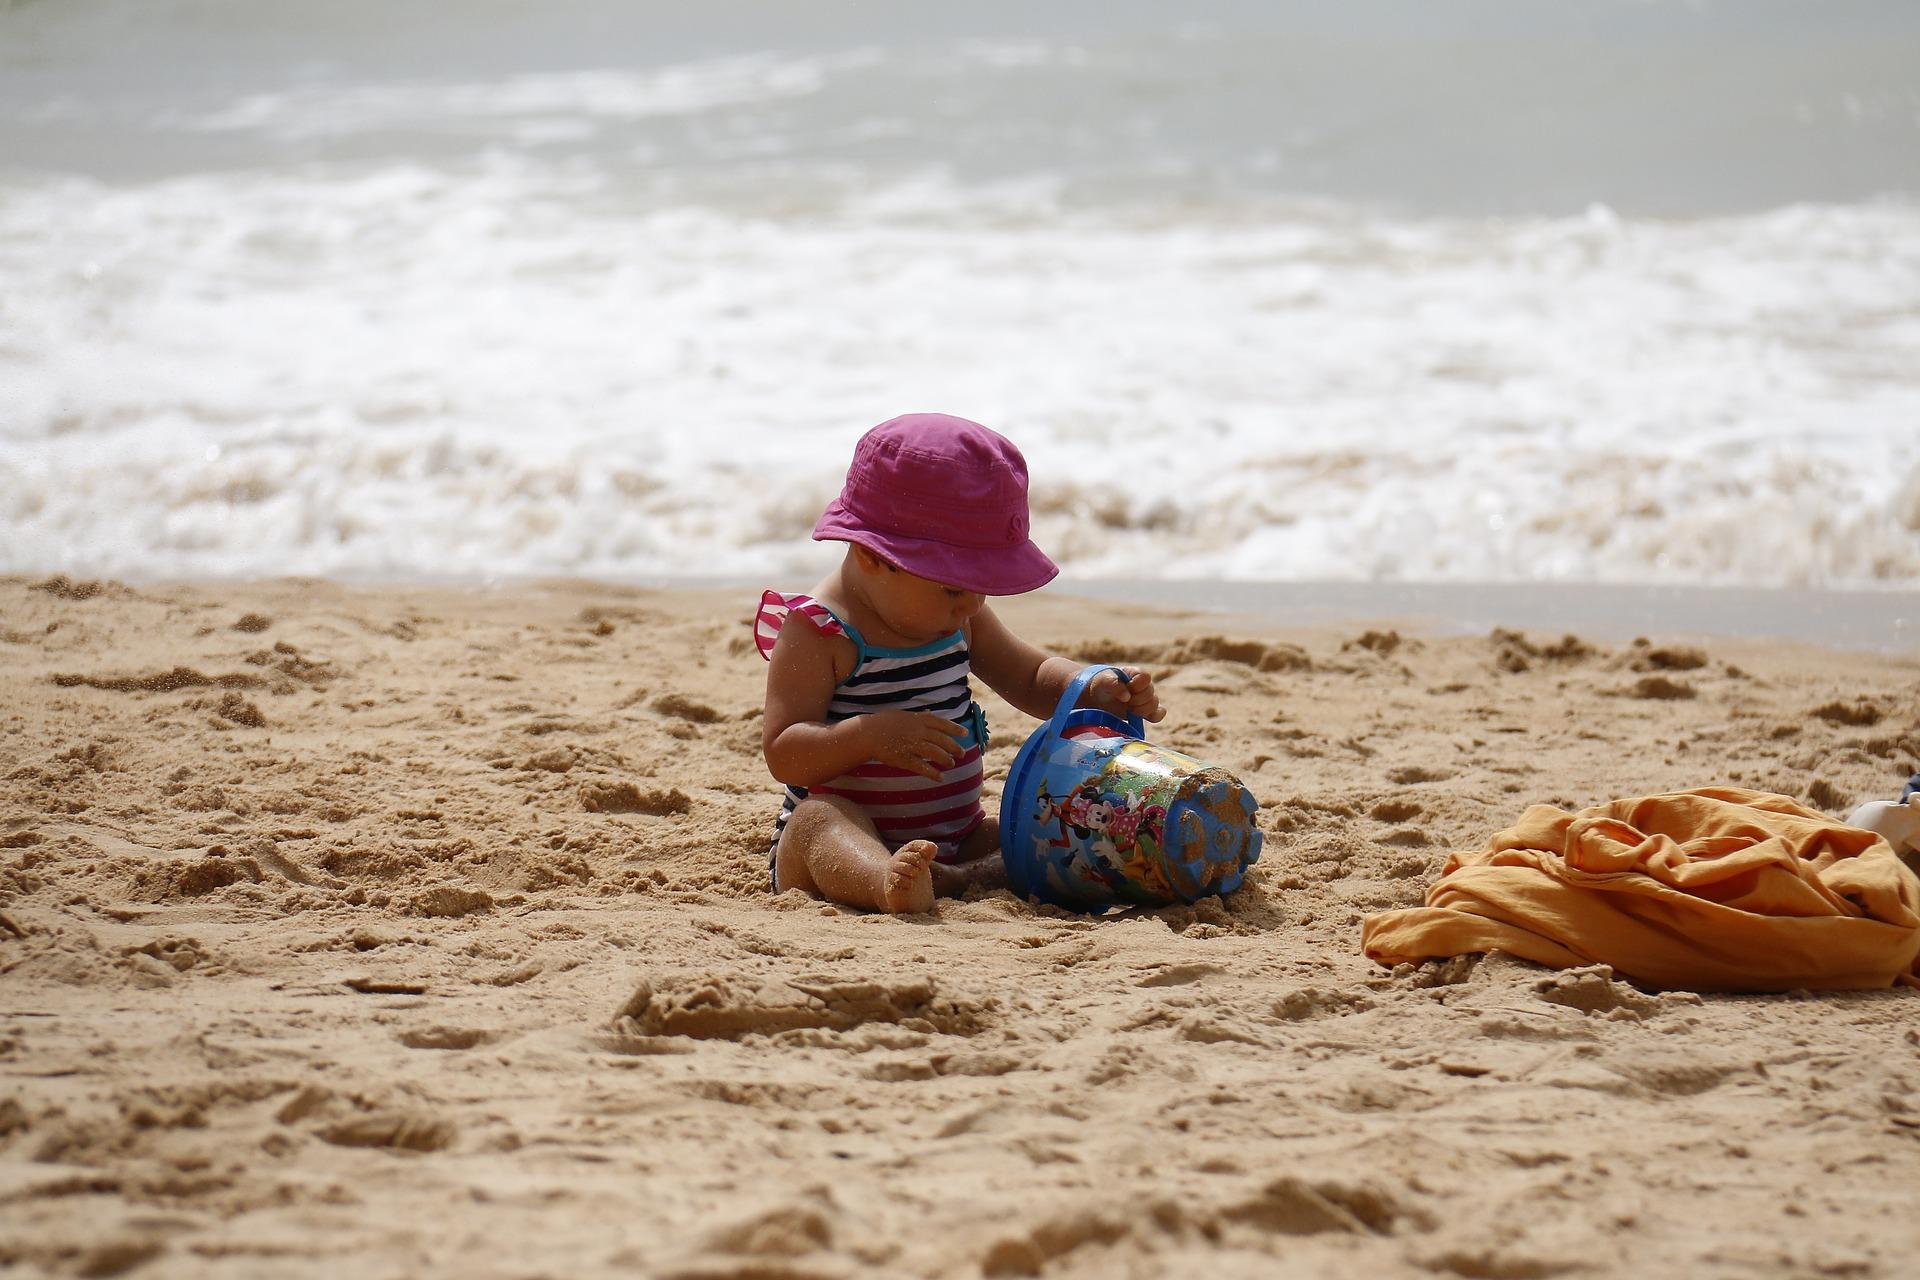 Queimaduras solares na infância aumentam risco de câncer de pele